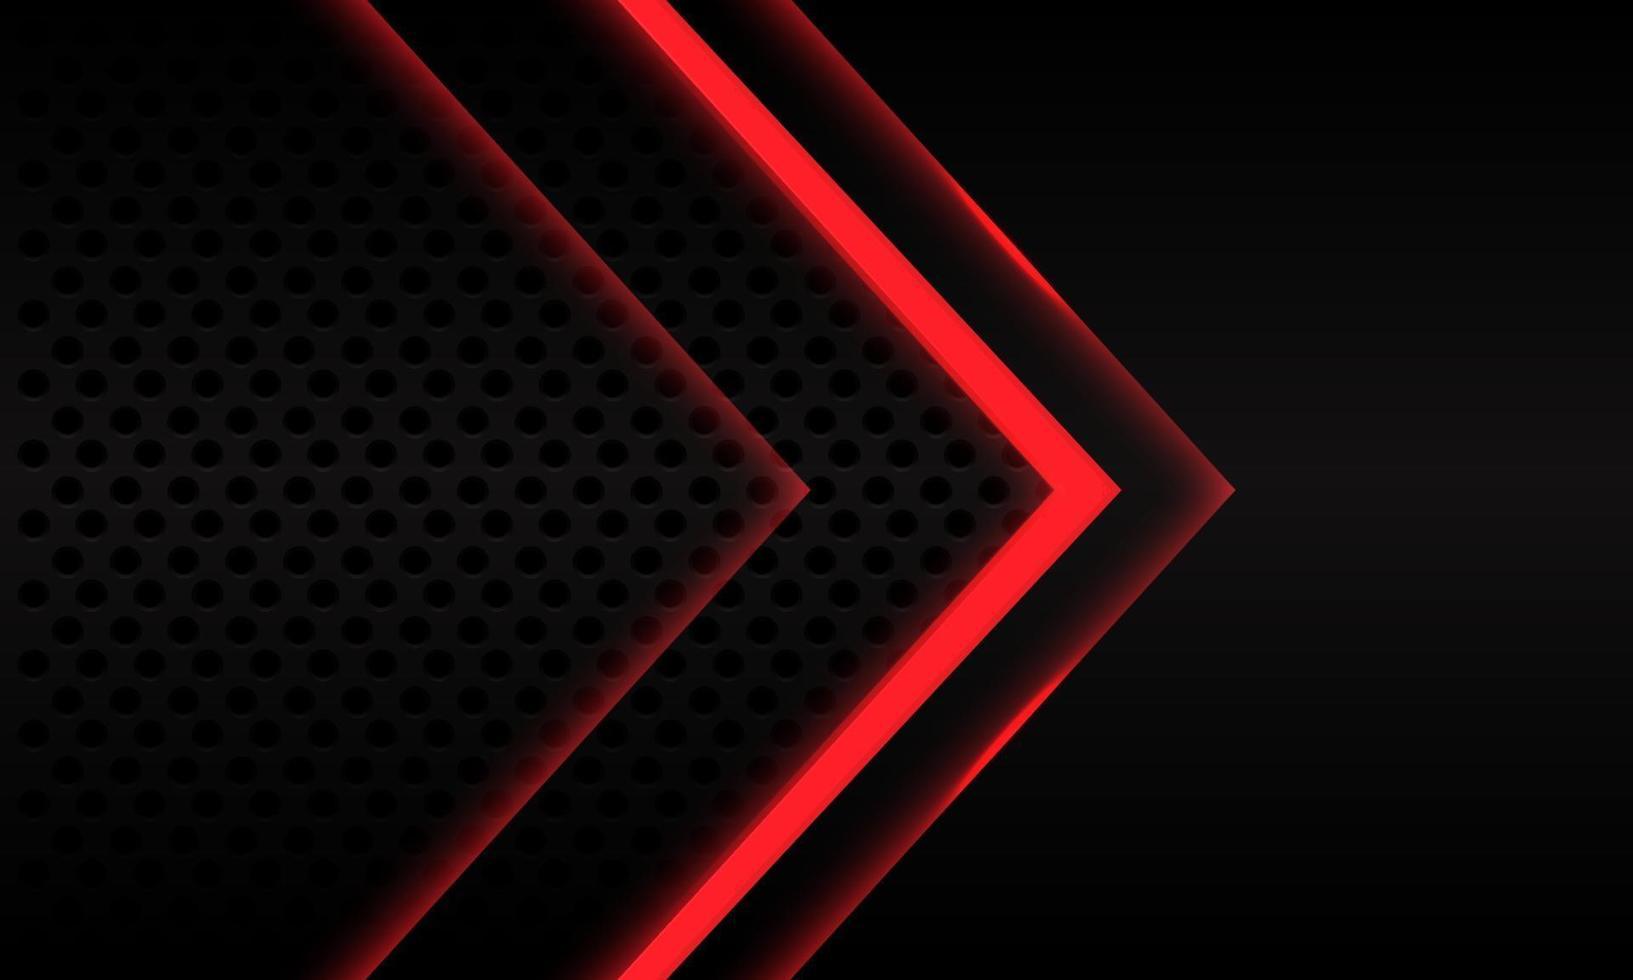 Dirección de la flecha de neón rojo abstracto en el diseño de patrón de malla de círculo metálico negro ilustración de vector de fondo futurista moderno.